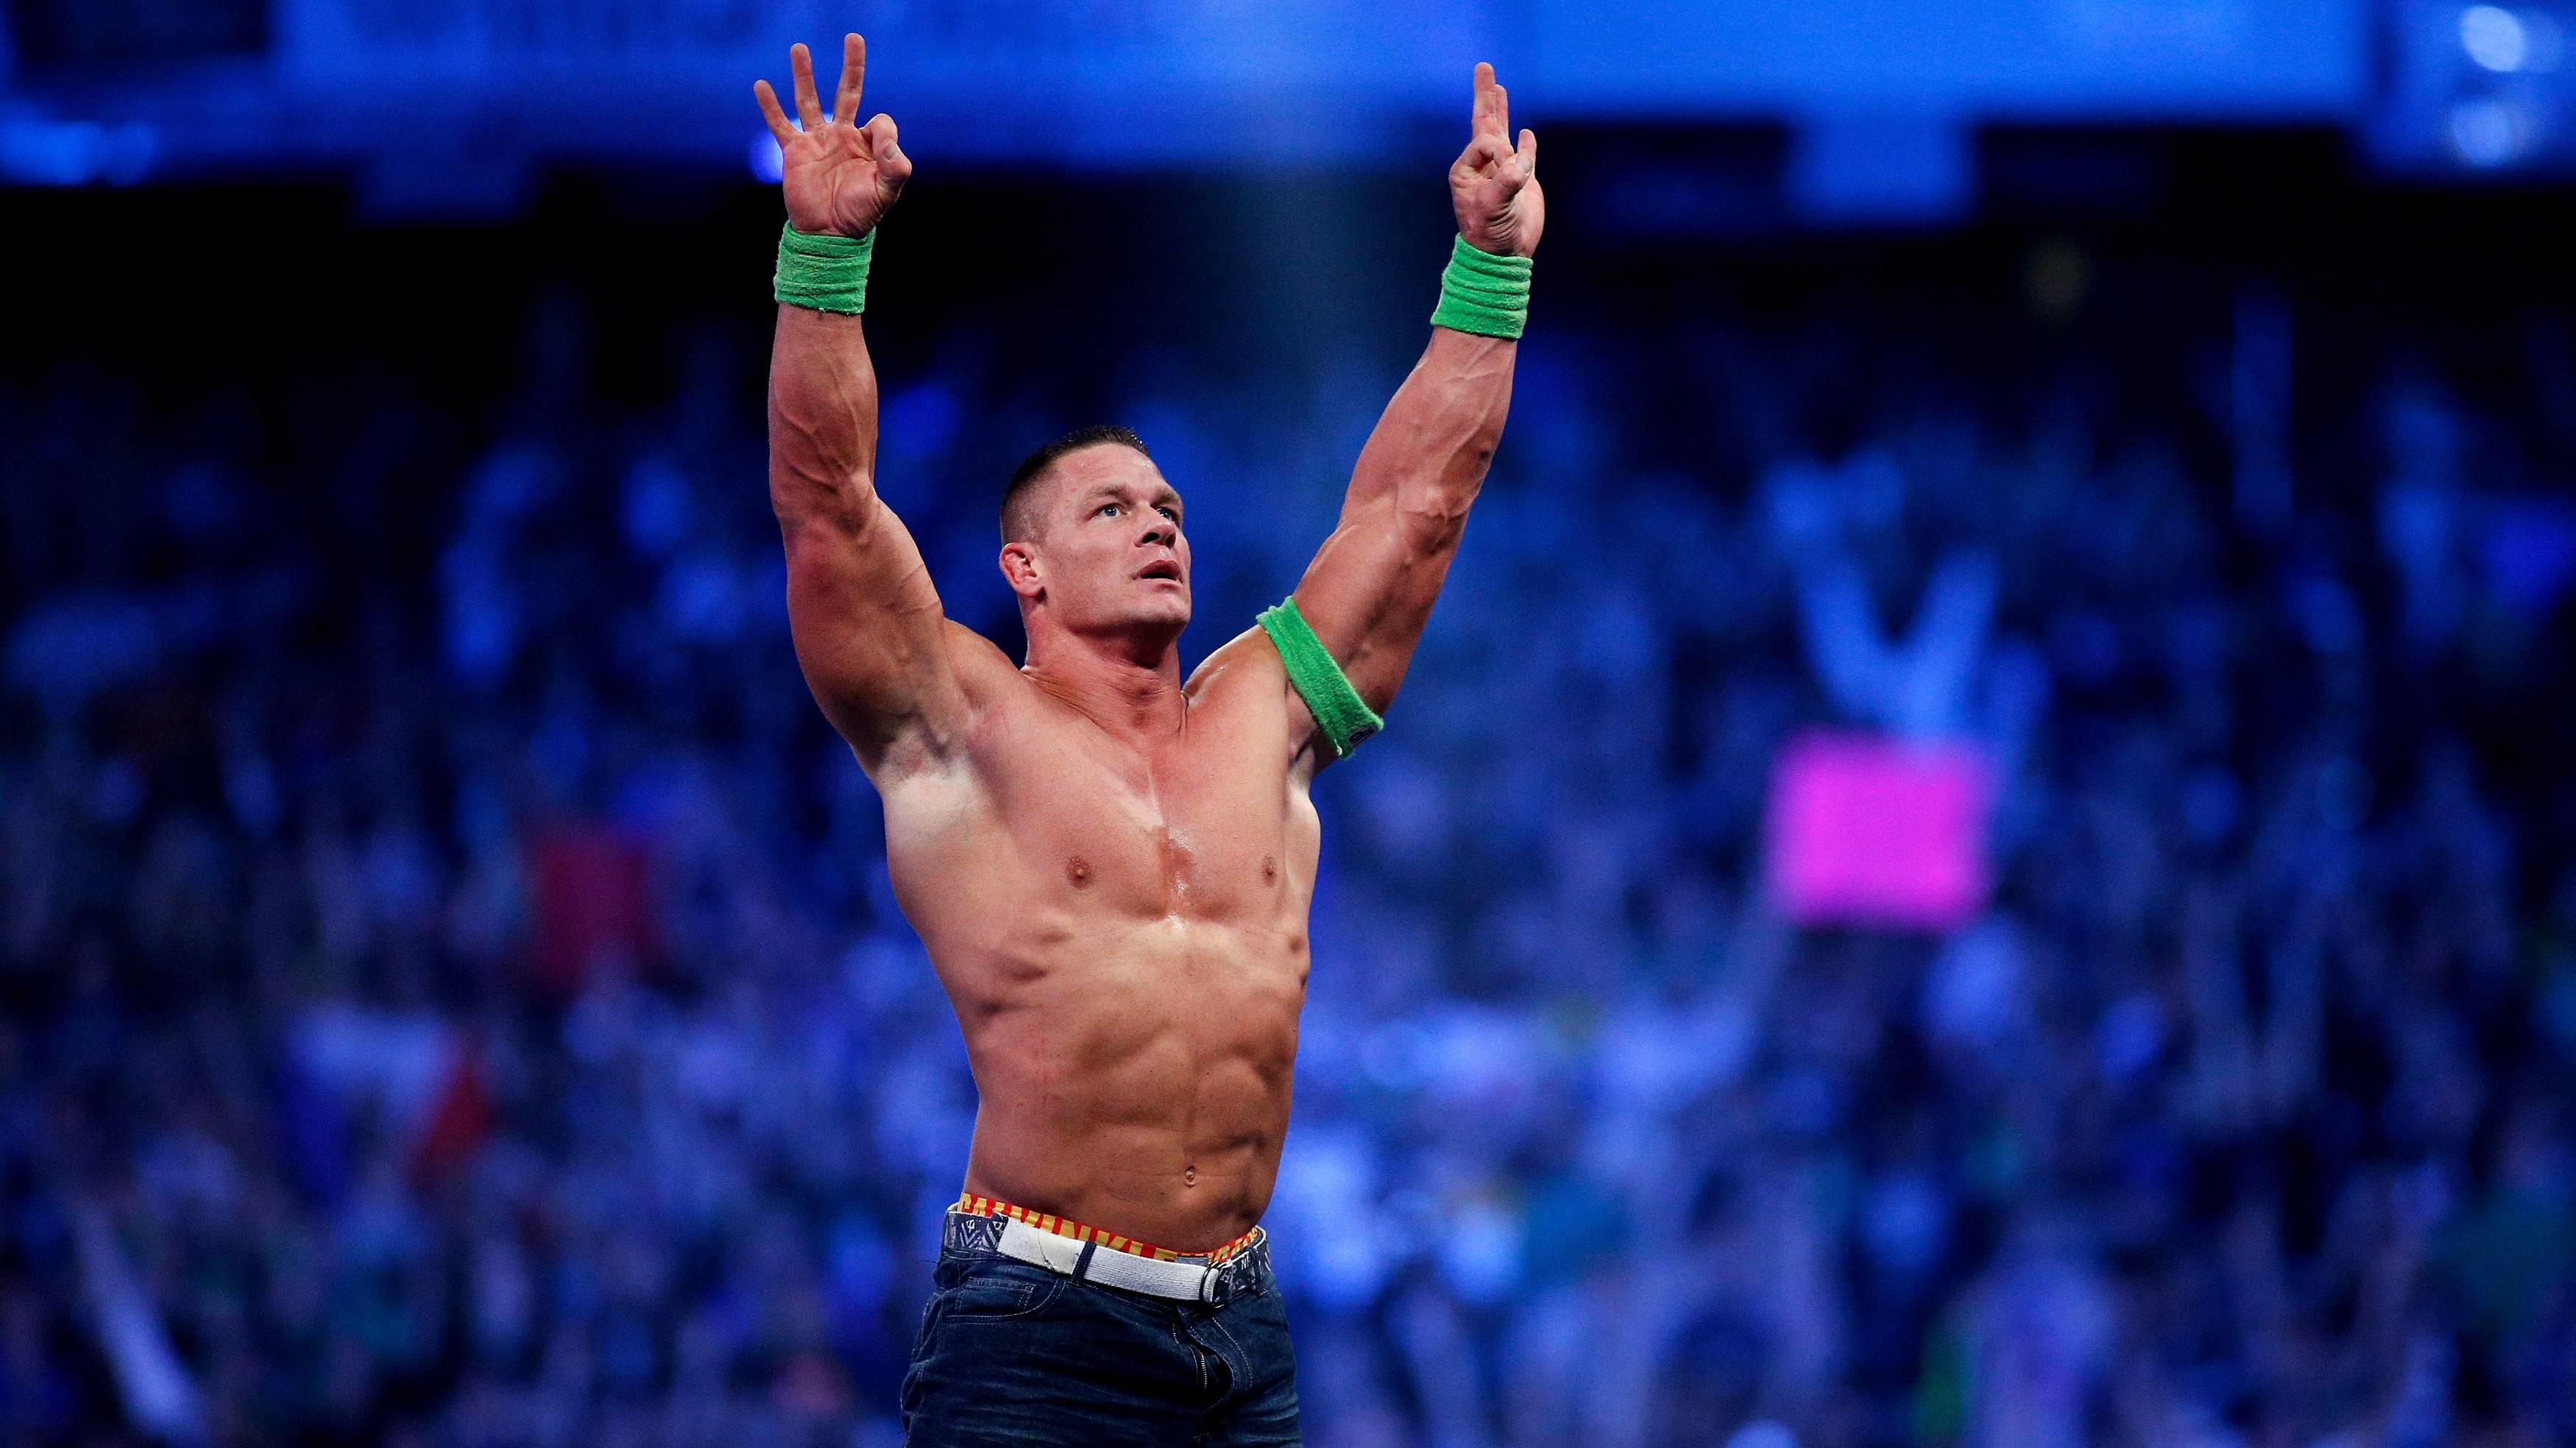 WWE Wallpaper of John Cena – WallpaperSafari